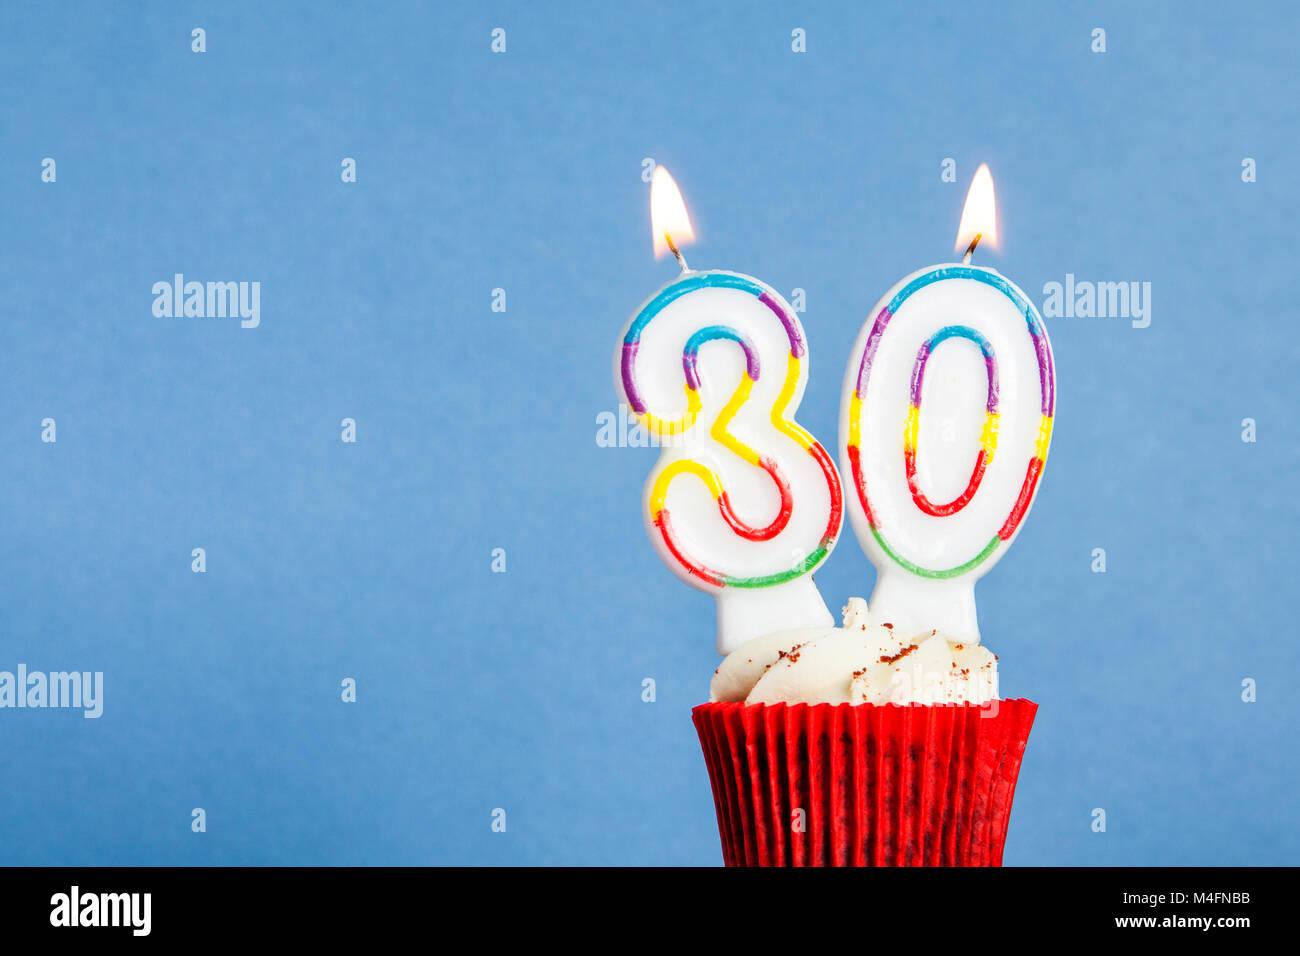 Numero 30 Compleanno Candela In Una Tortina Contro Uno Sfondo Blu